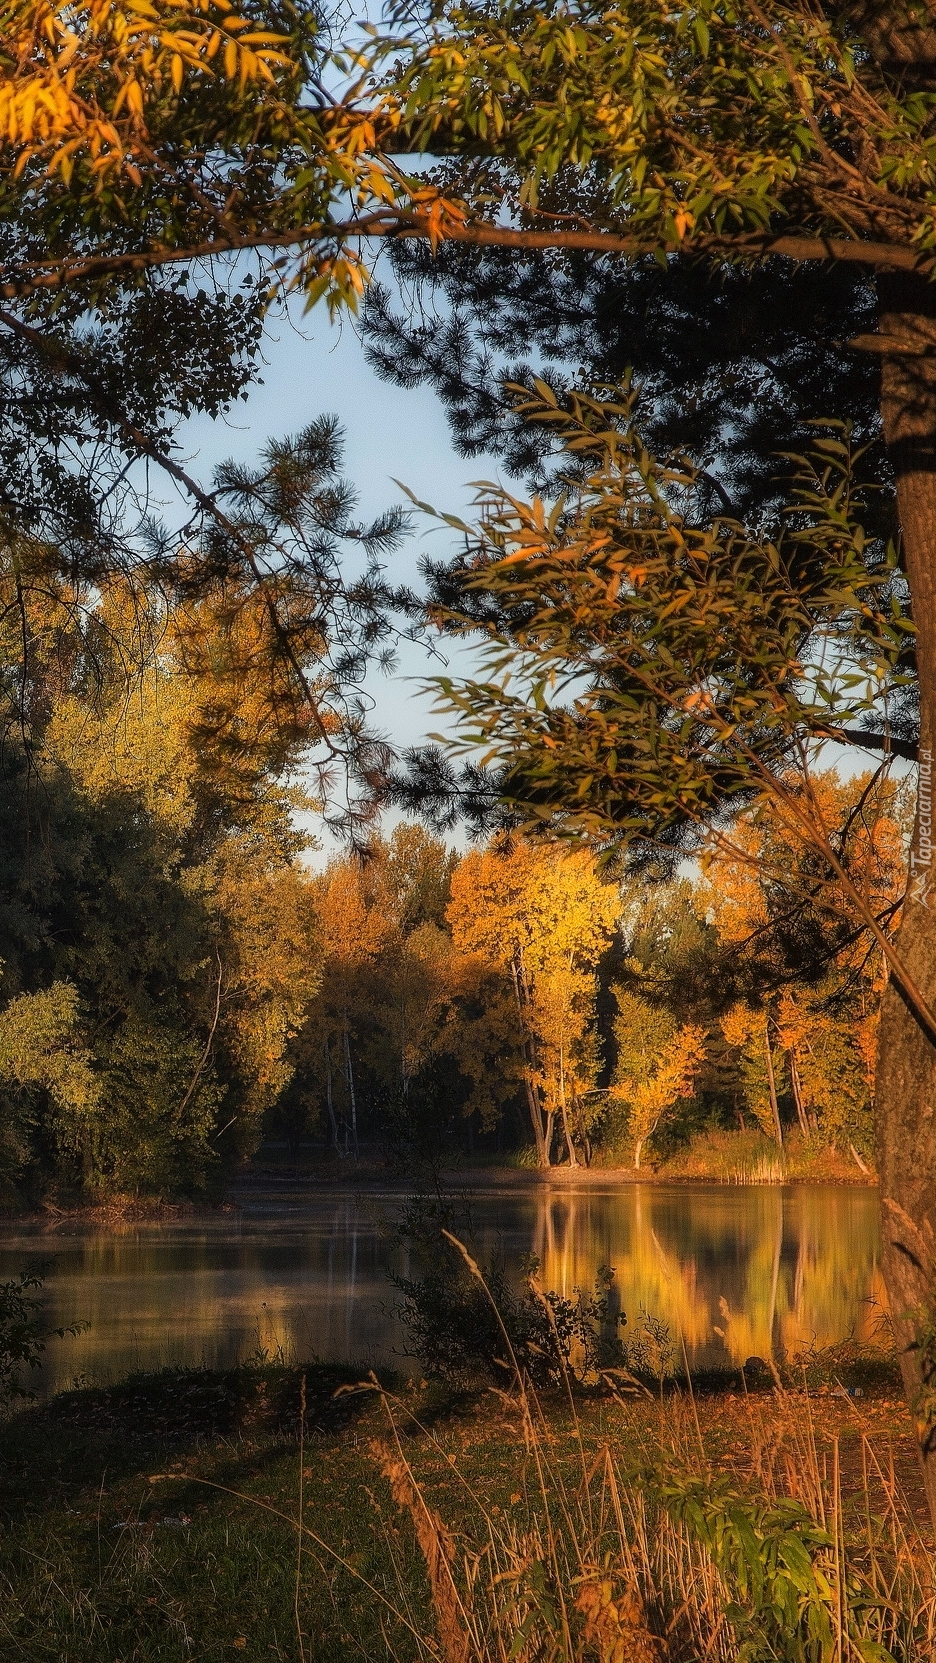 Słoneczny dzień w lesie nad jeziorem